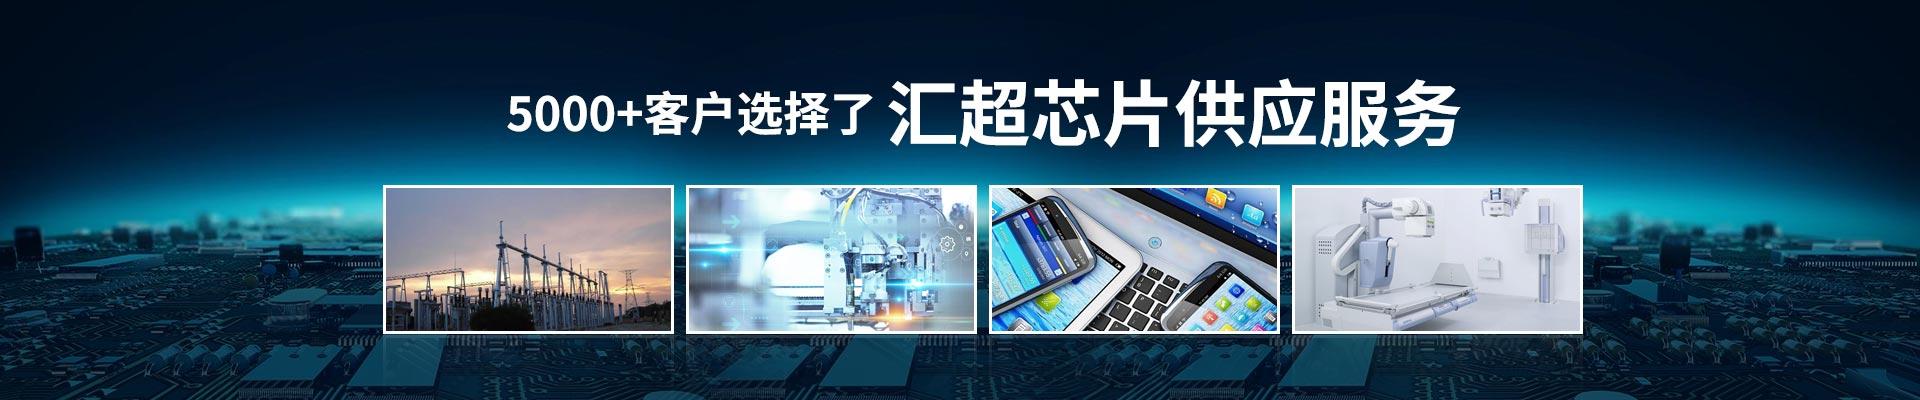 汇超电子-5000+客户选择了汇超芯片供应服务